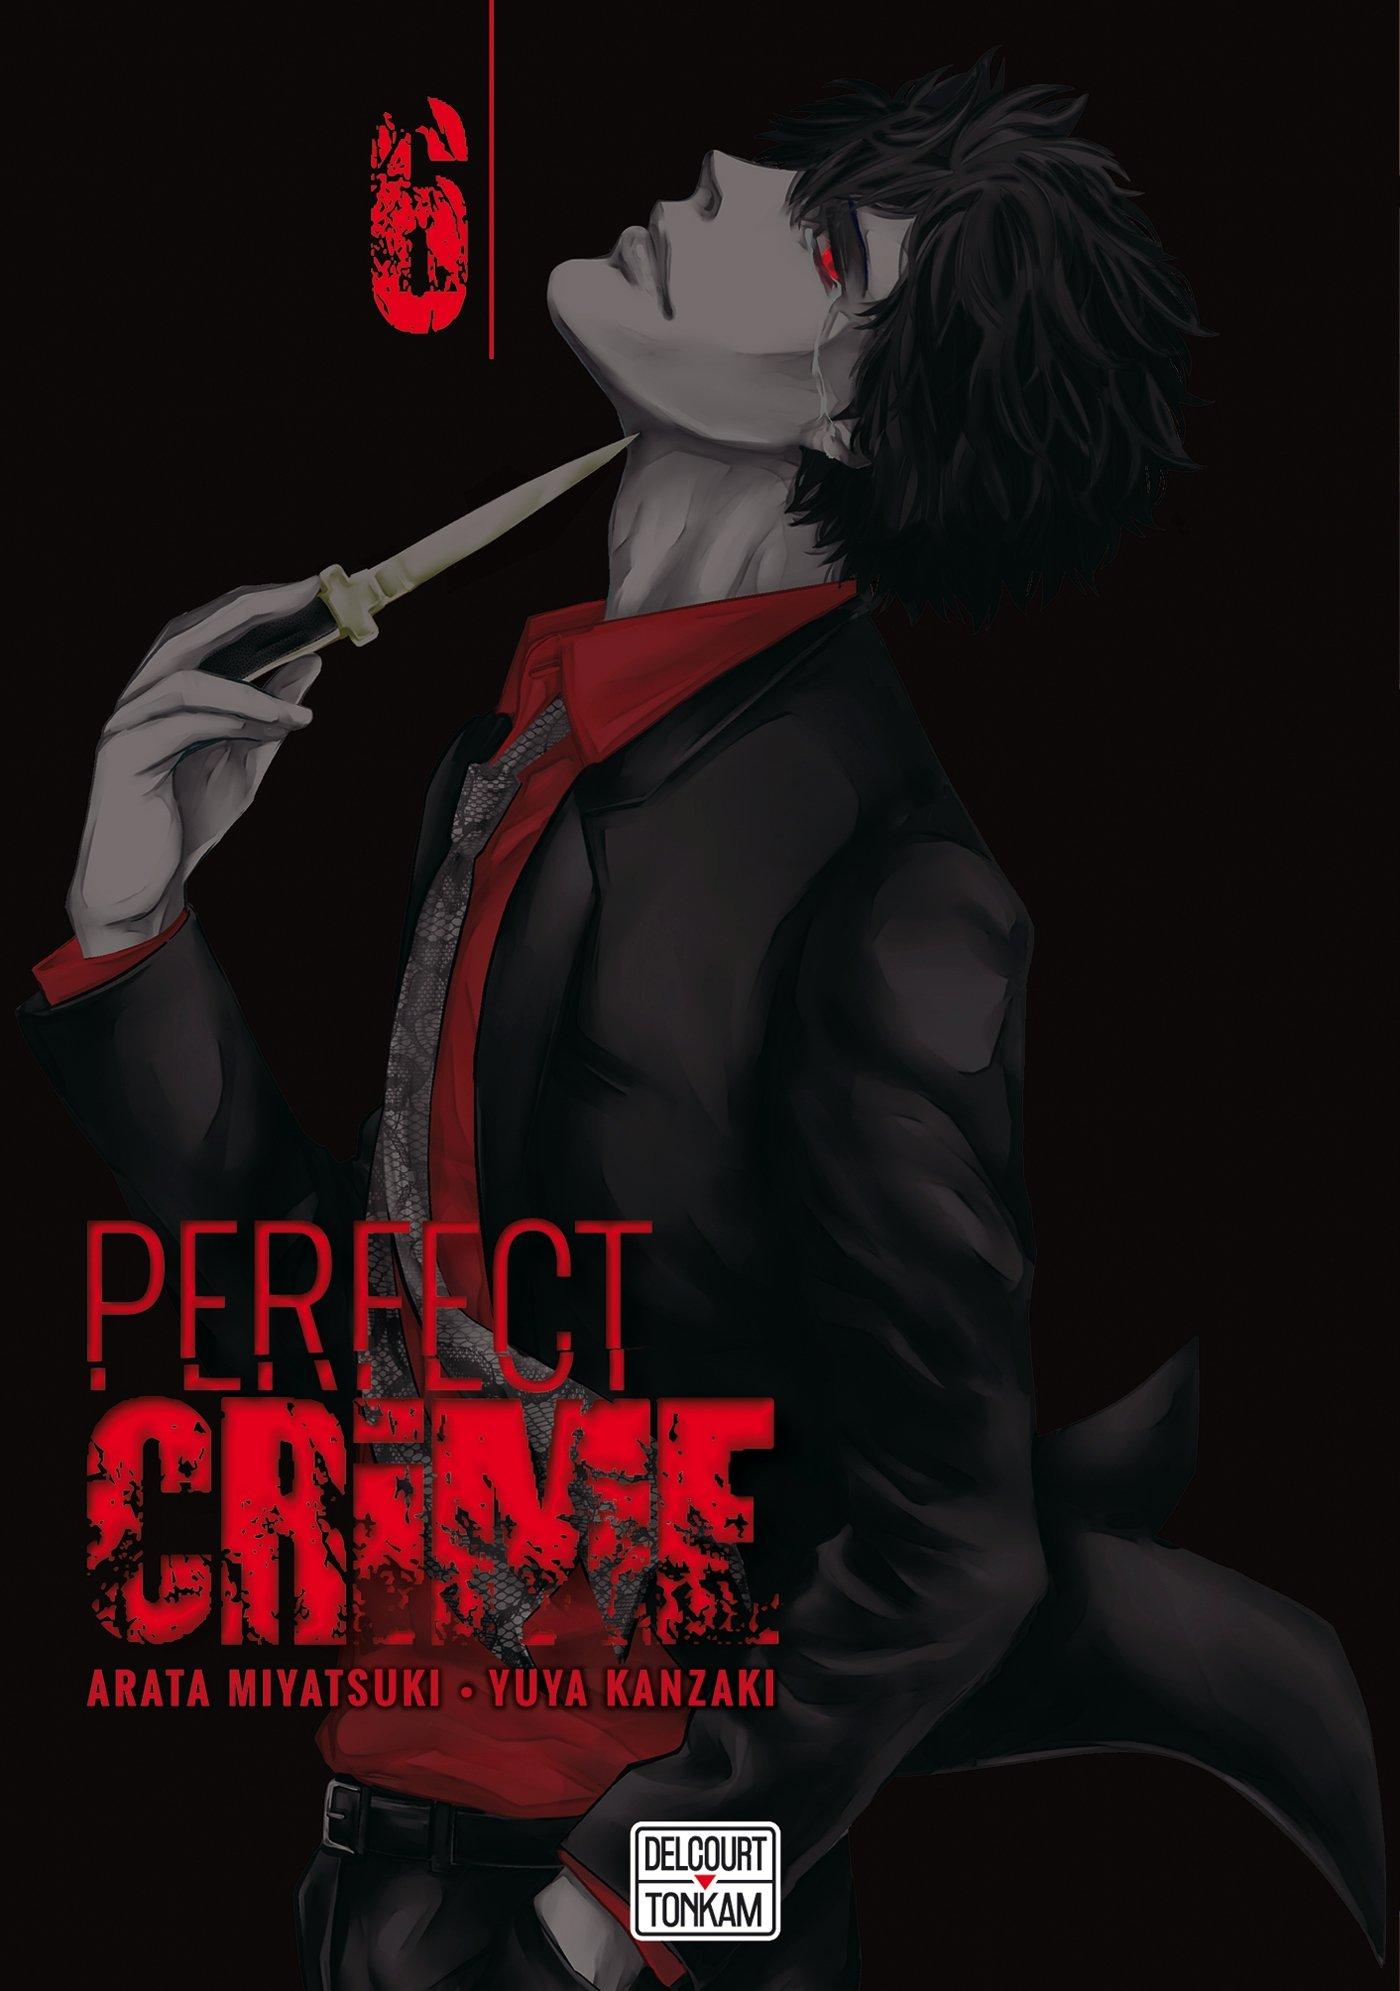 Perfect crime 6